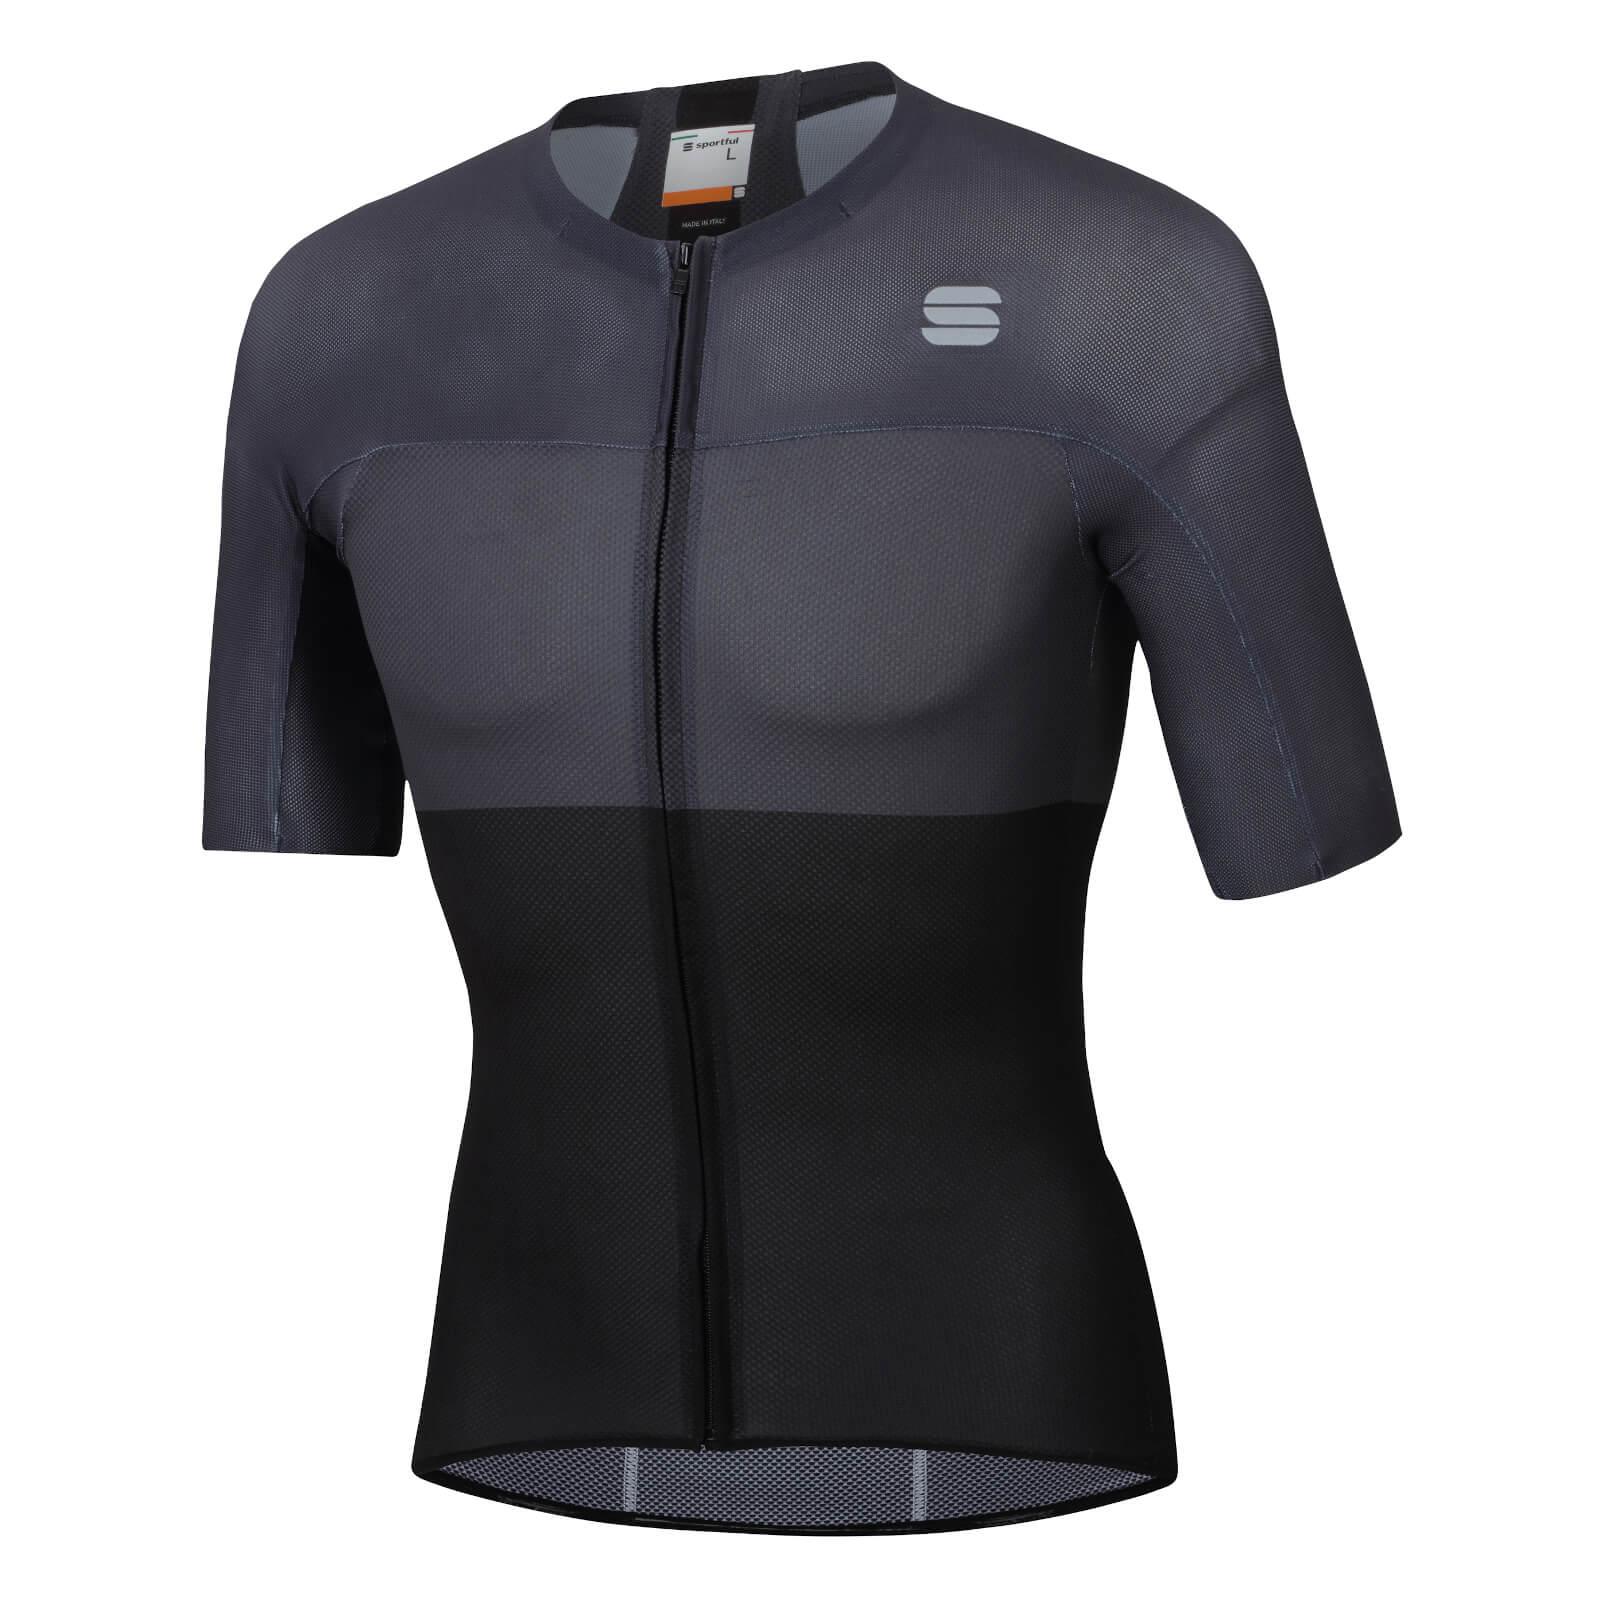 Sportful BodyFit Pro Light Jersey - XXL - Black/Anthracite